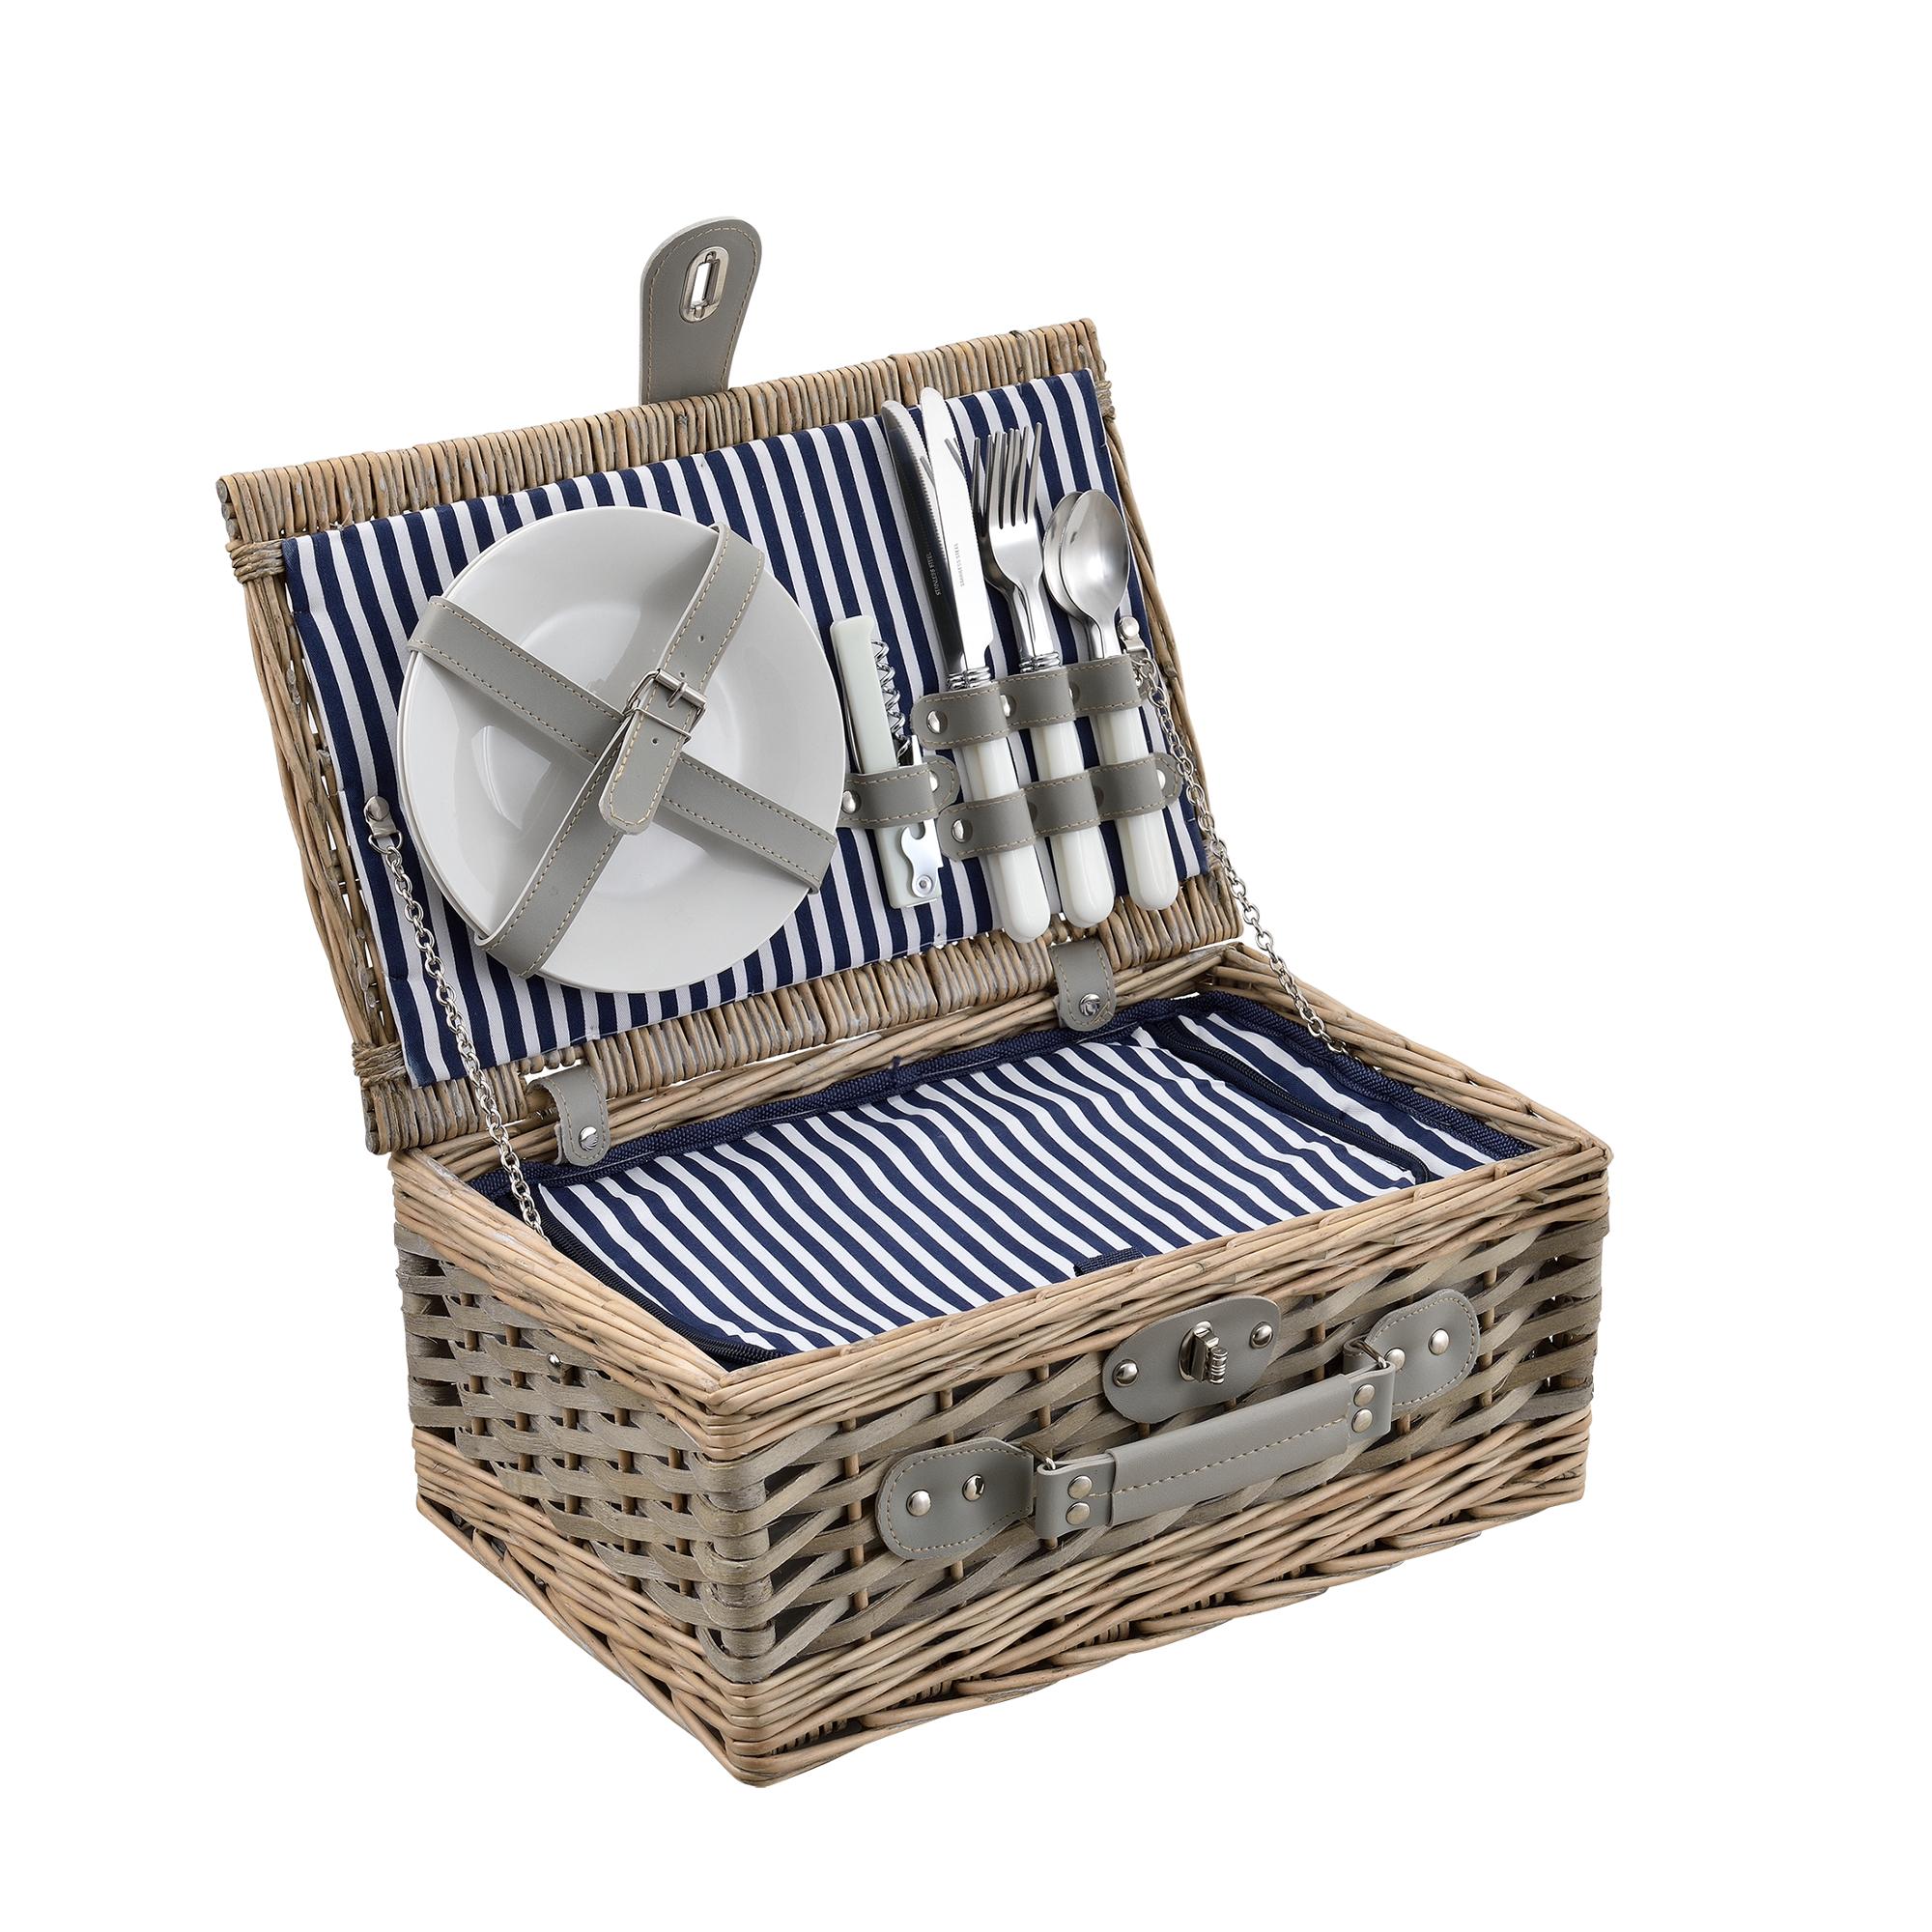 picknickkorb f r 2 4 personen k hltasche camping set korb besteck. Black Bedroom Furniture Sets. Home Design Ideas